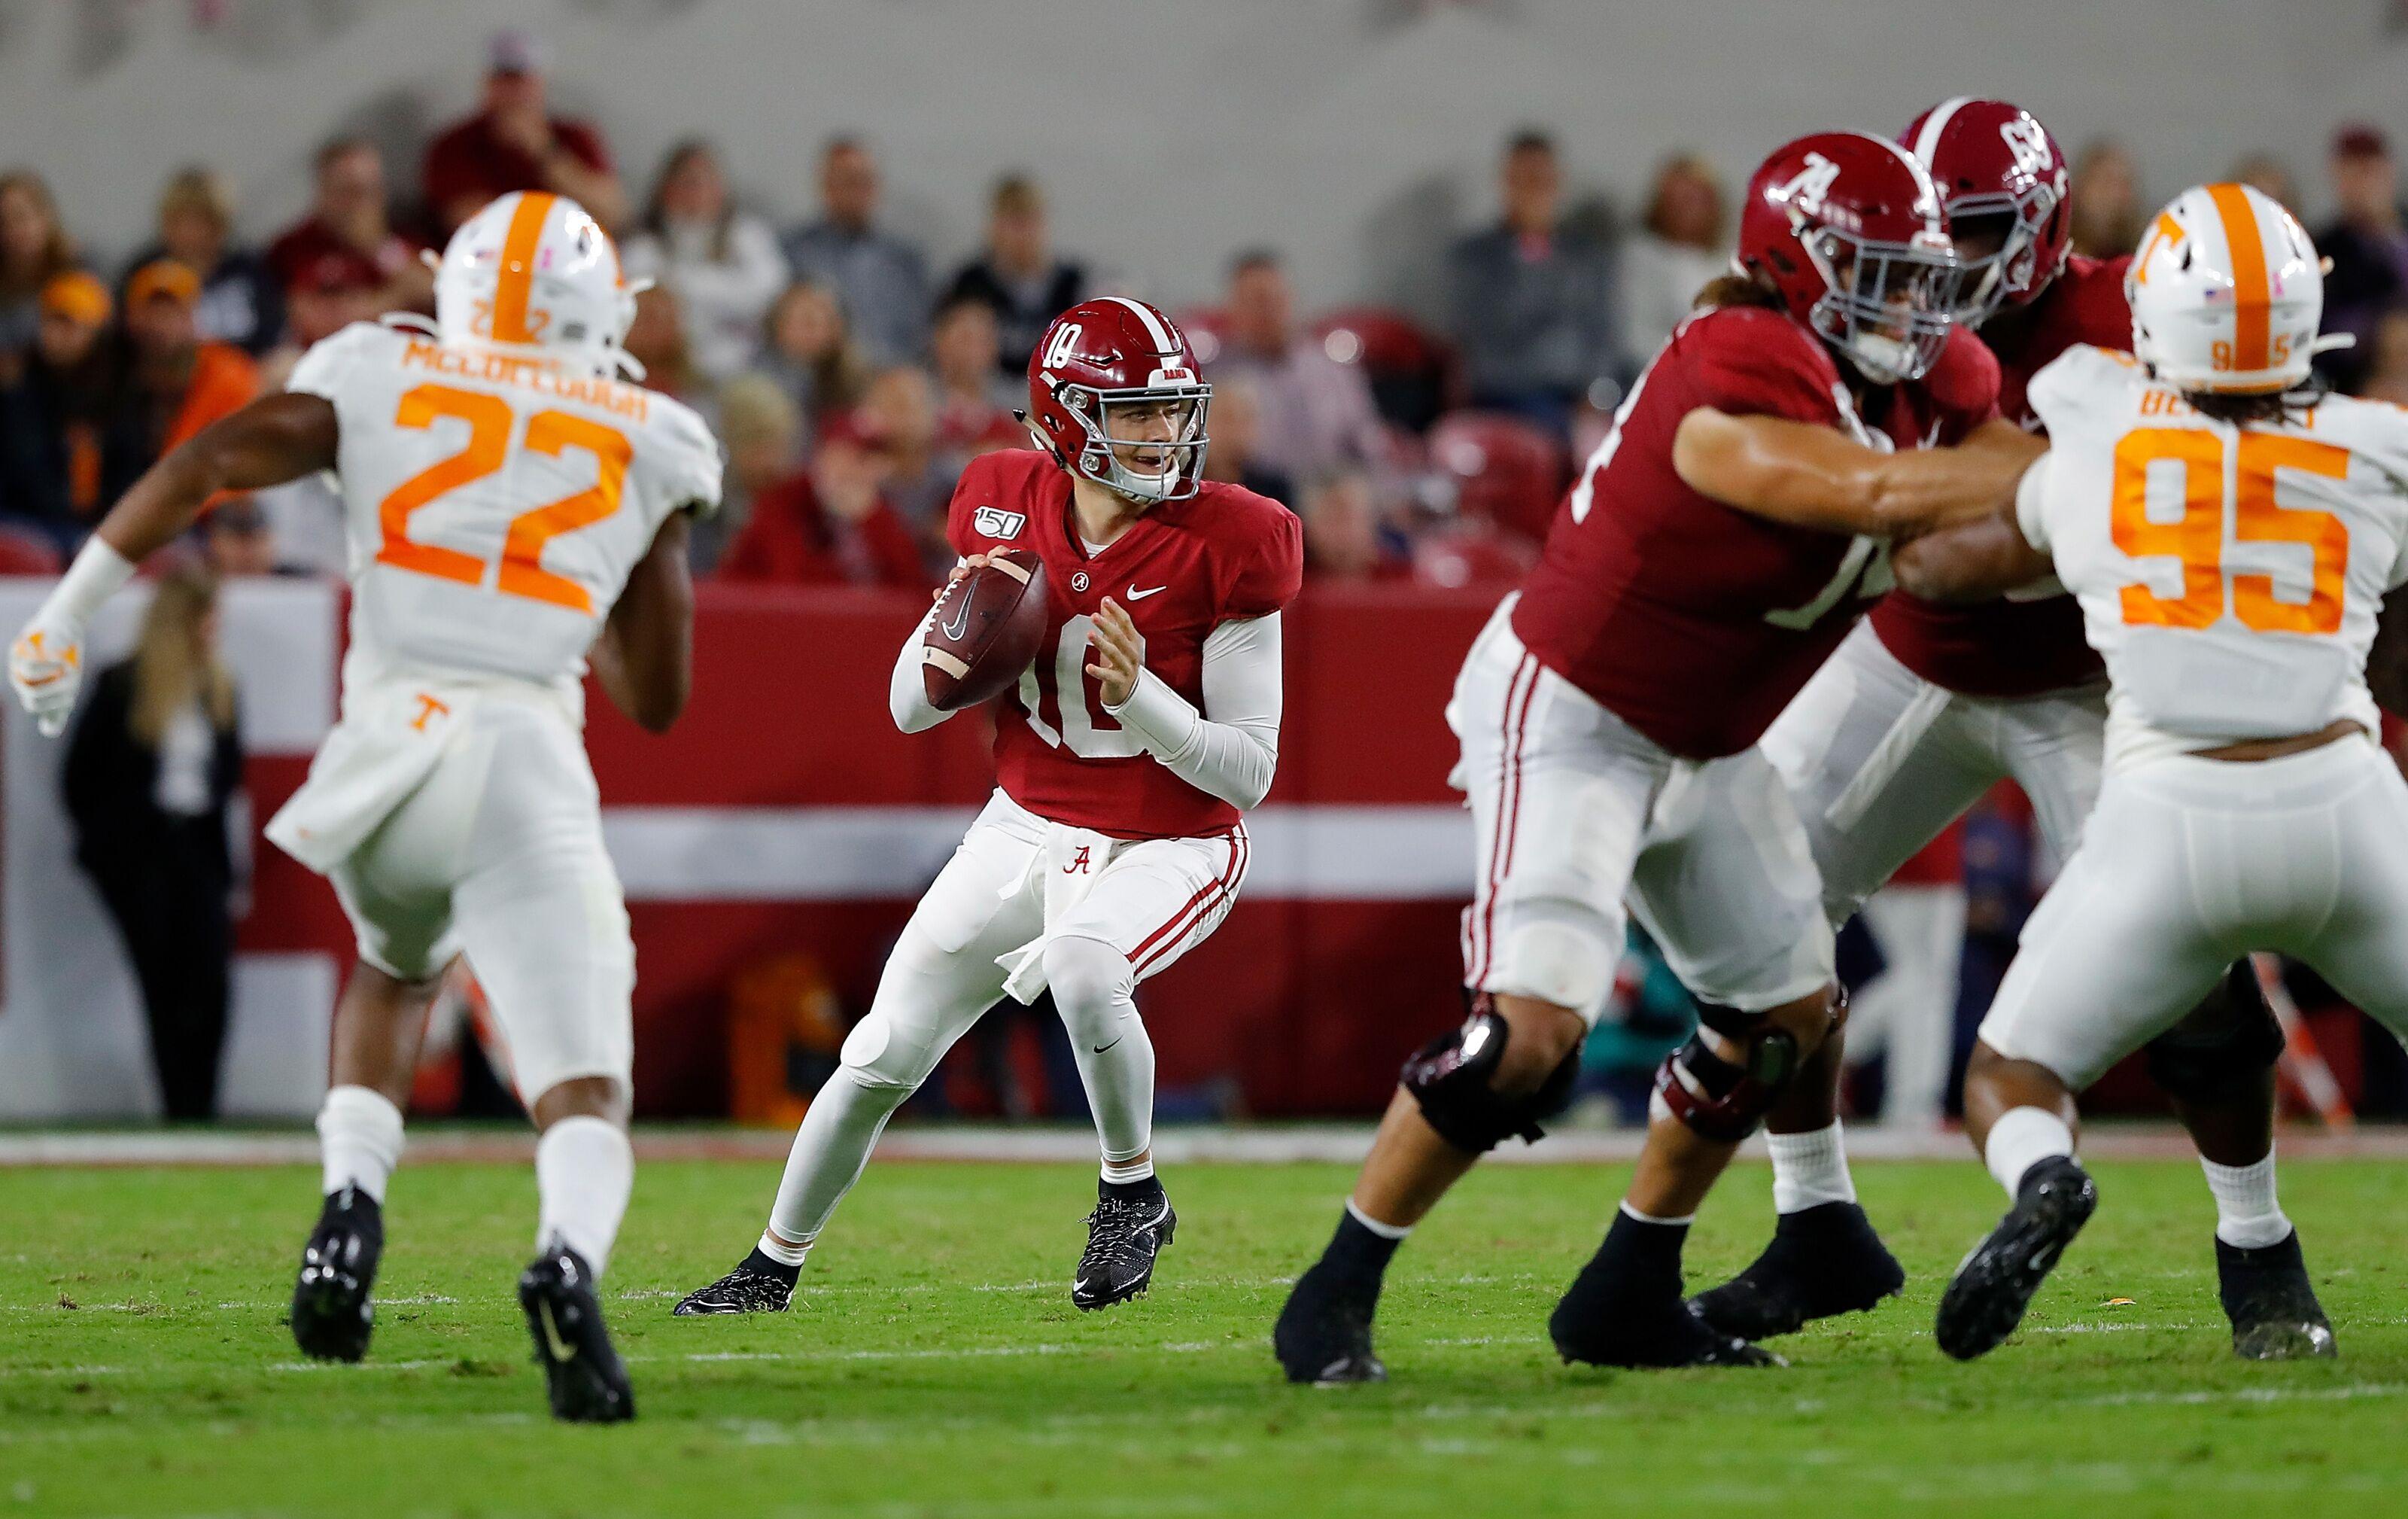 Alabama Football: Tua Tagovailoa says he will be back for LSU